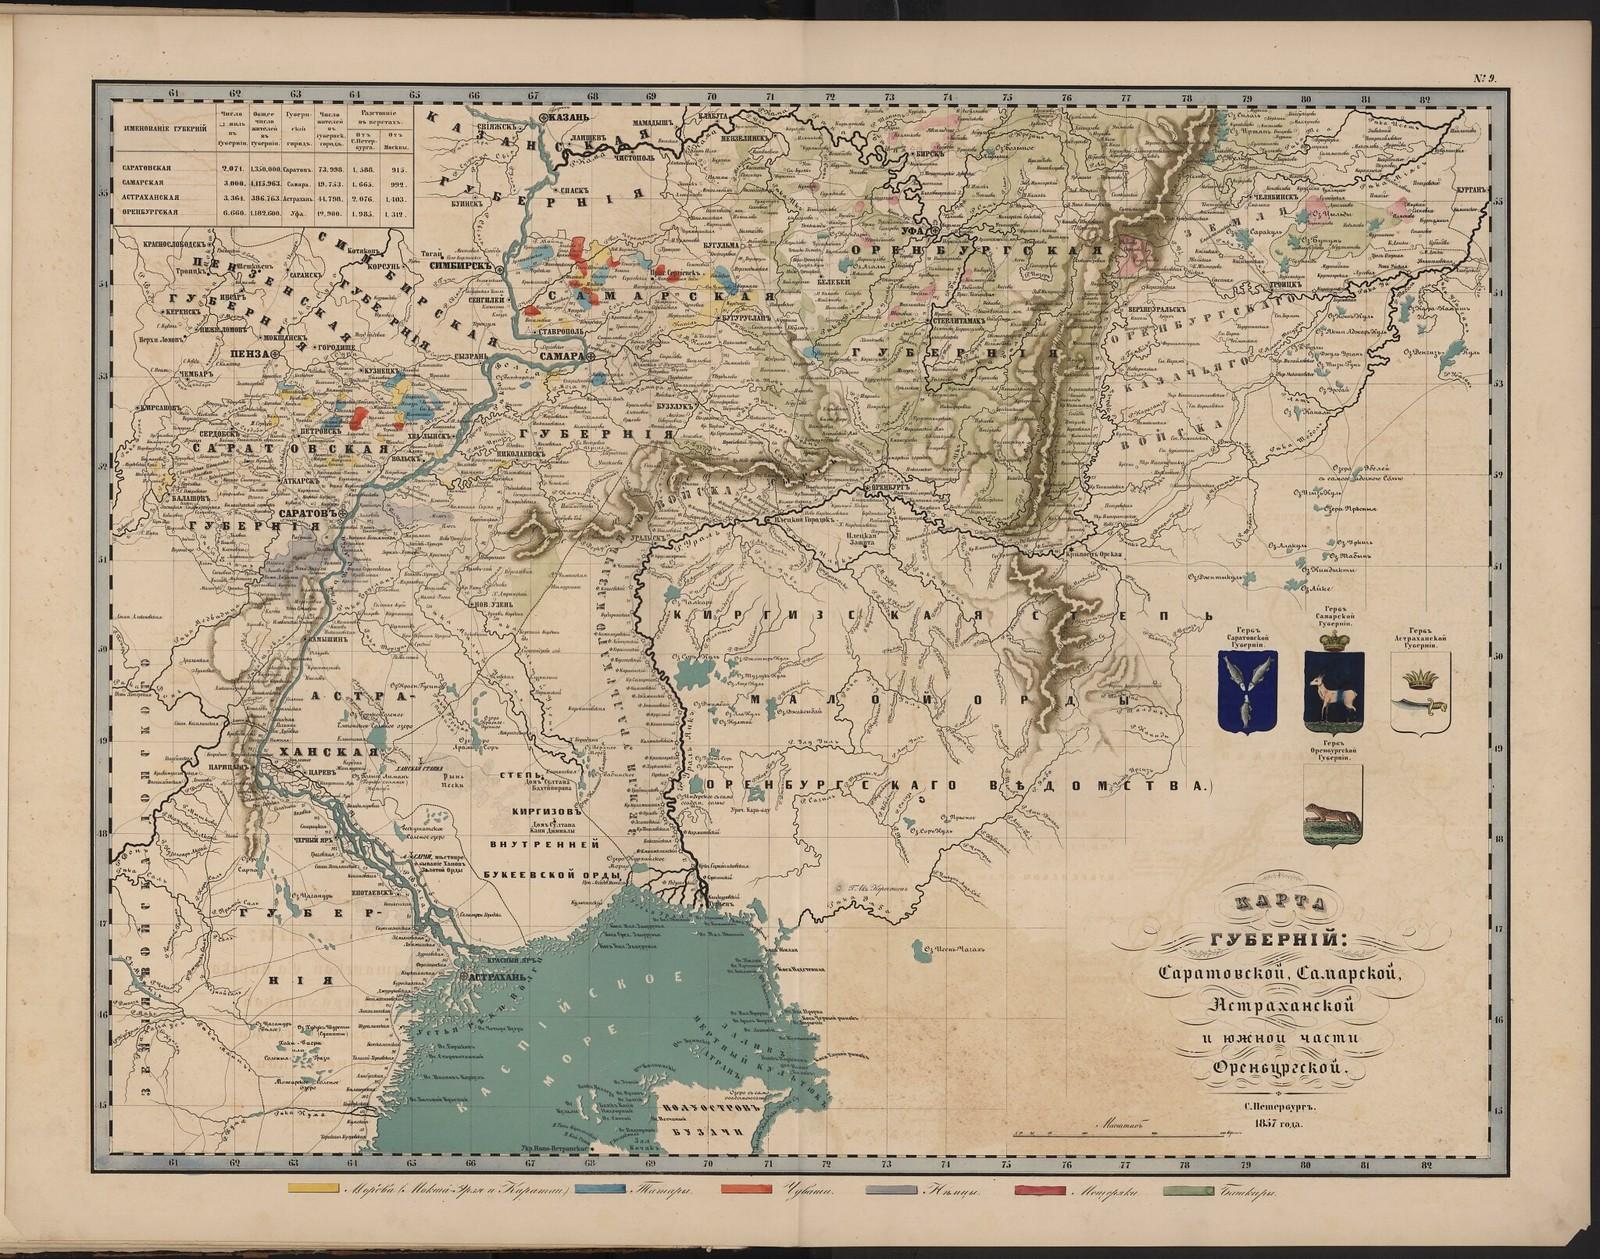 09-а. Карта губерний Саратовской, Самарской, Астраханской и южной части Оренбургской (этнографическая).